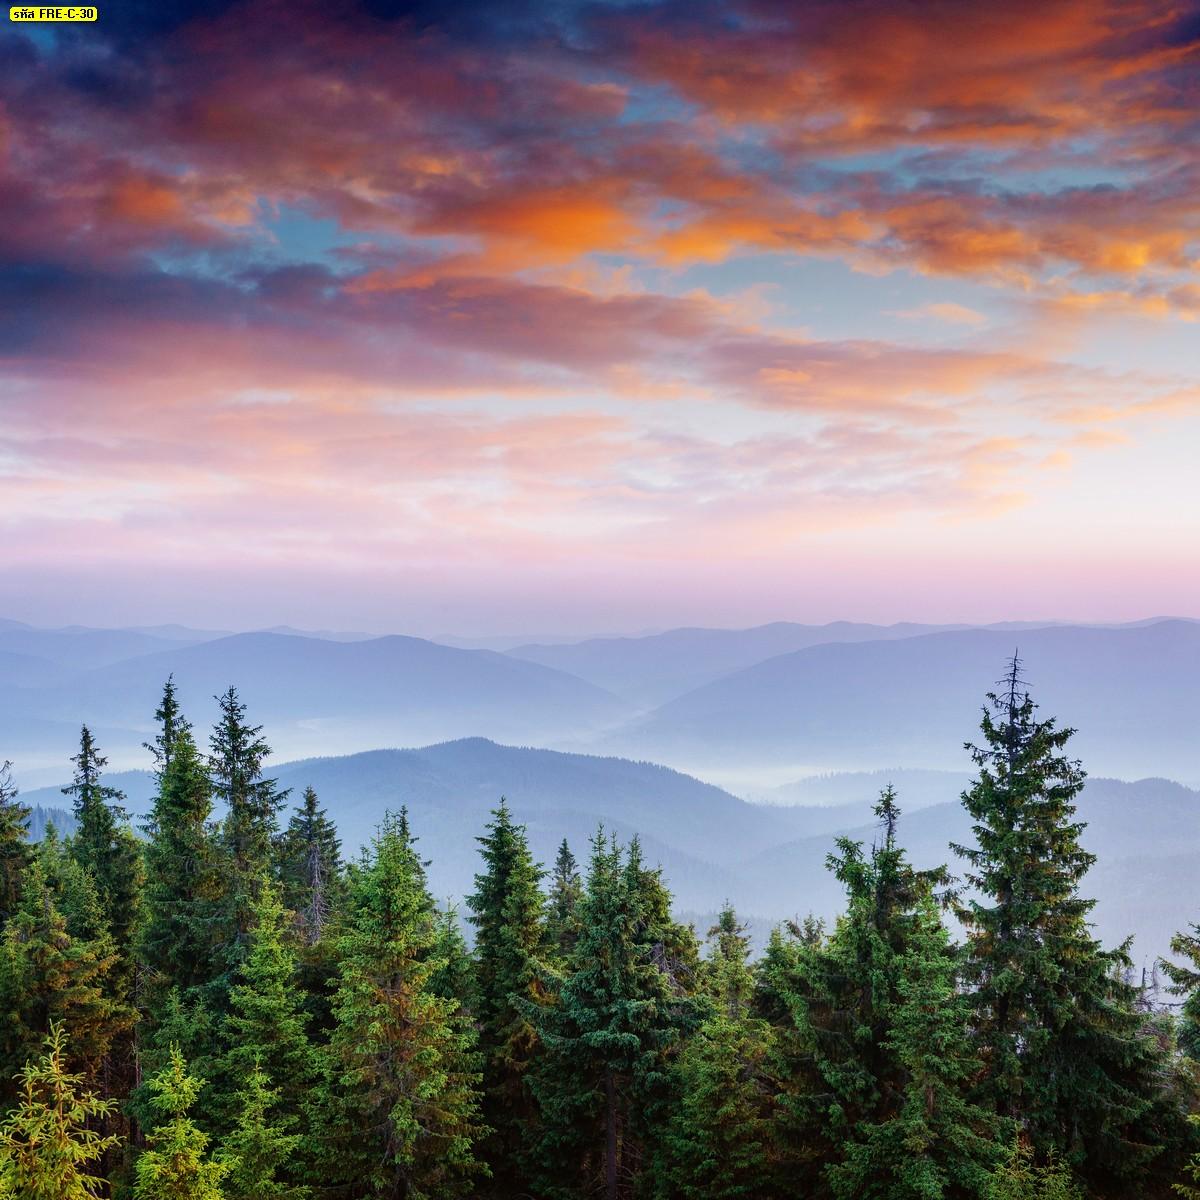 วอลเปเปอร์ธรรมชาติภาพต้นสนบนภูเขาและท้องฟ้าสีส้ม